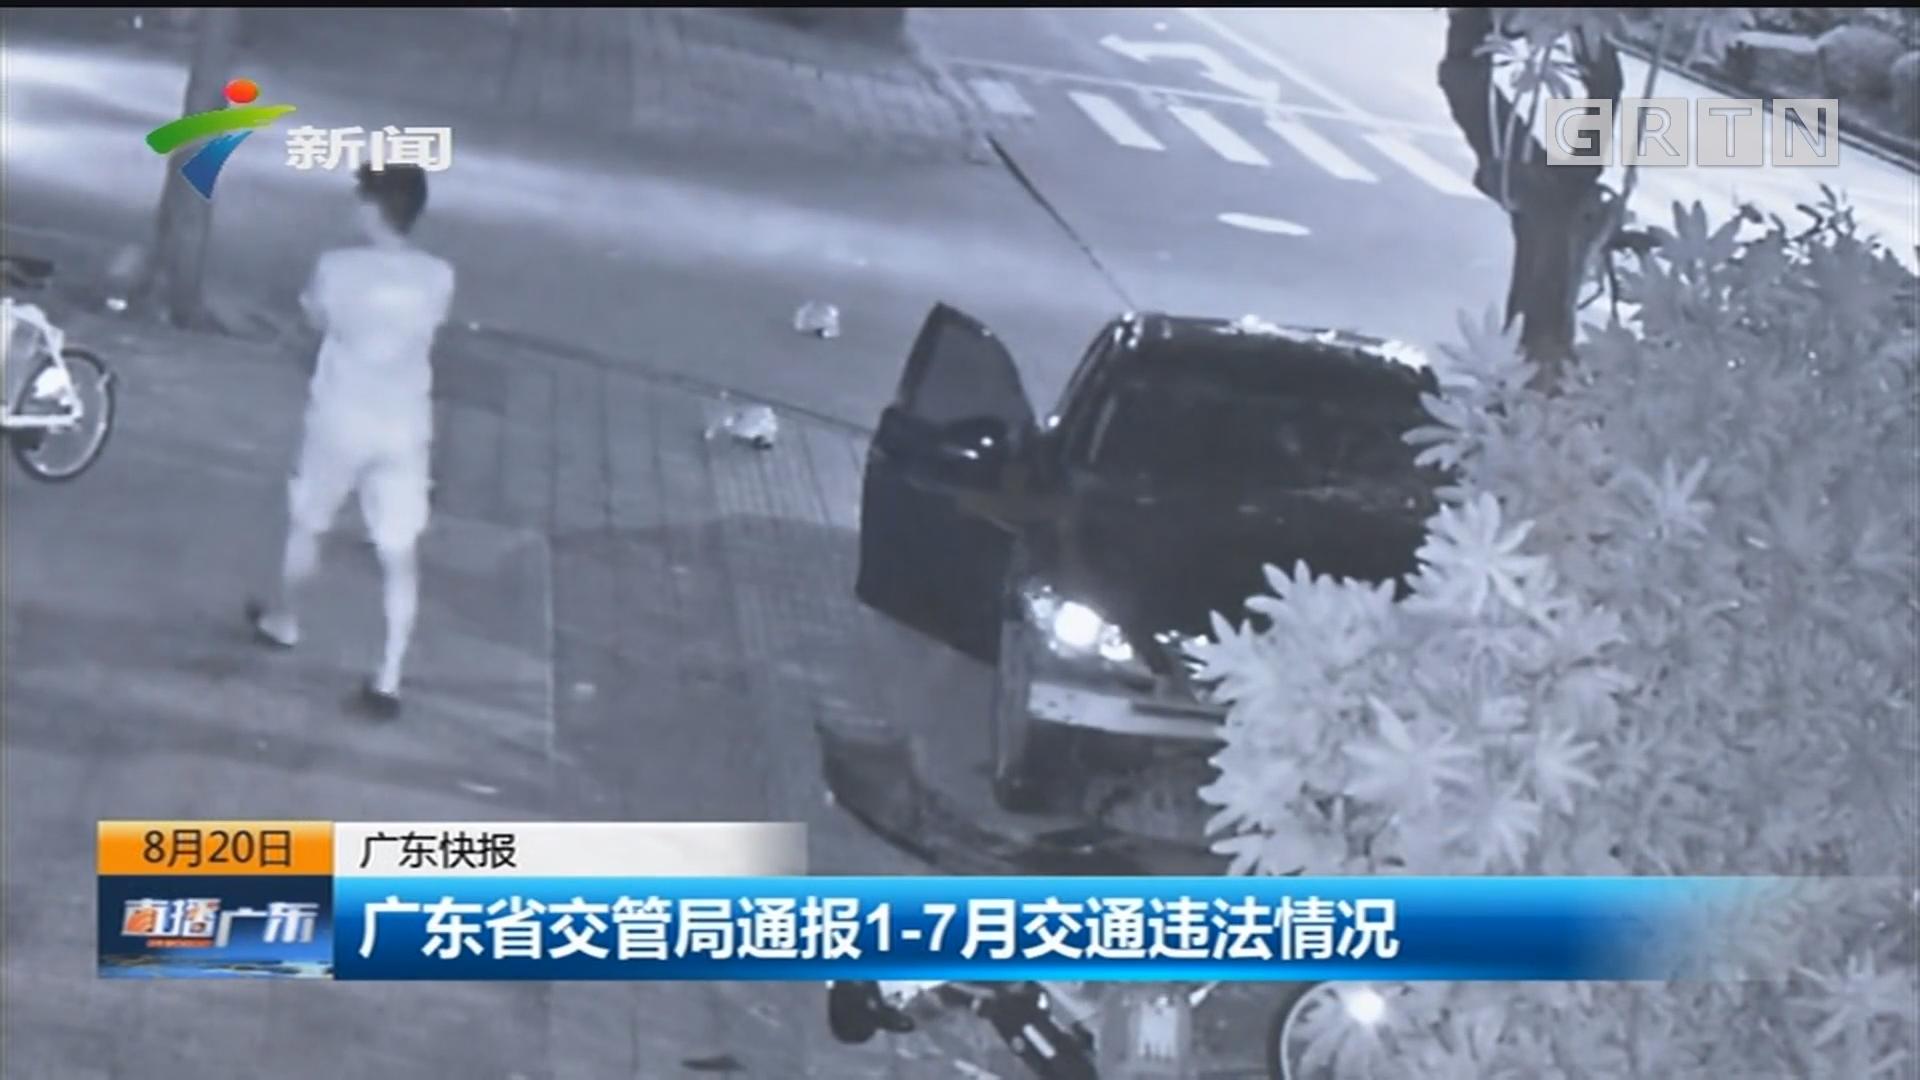 广东省交管局通报1-7月交通违法情况